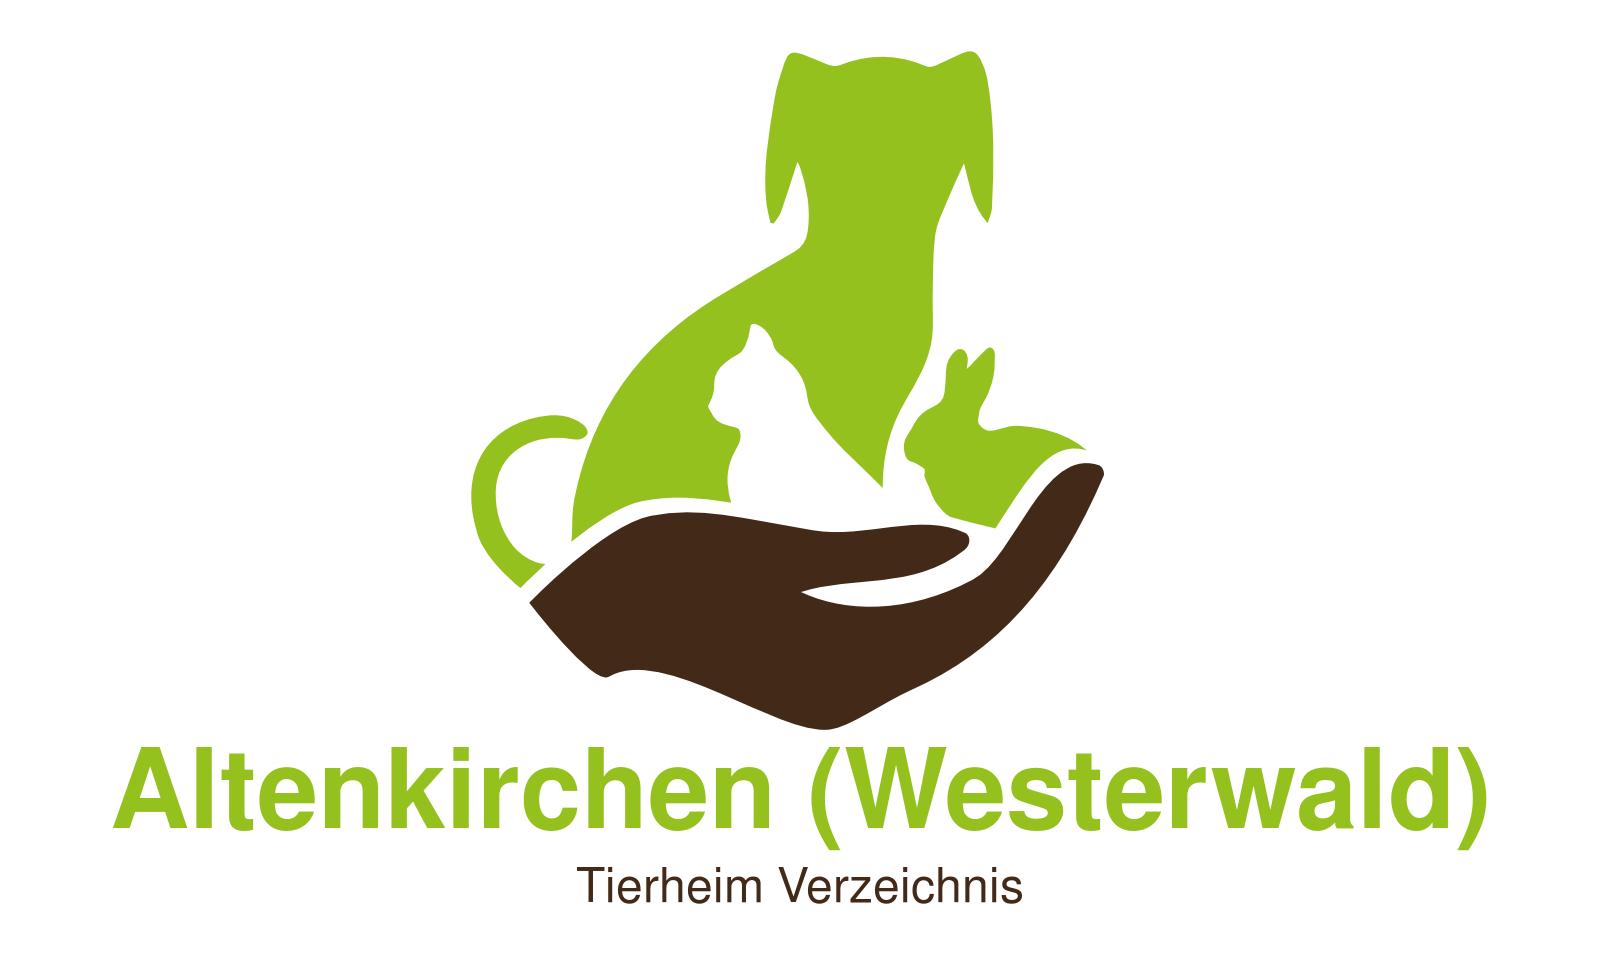 Tierheim Altenkirchen (Westerwald)